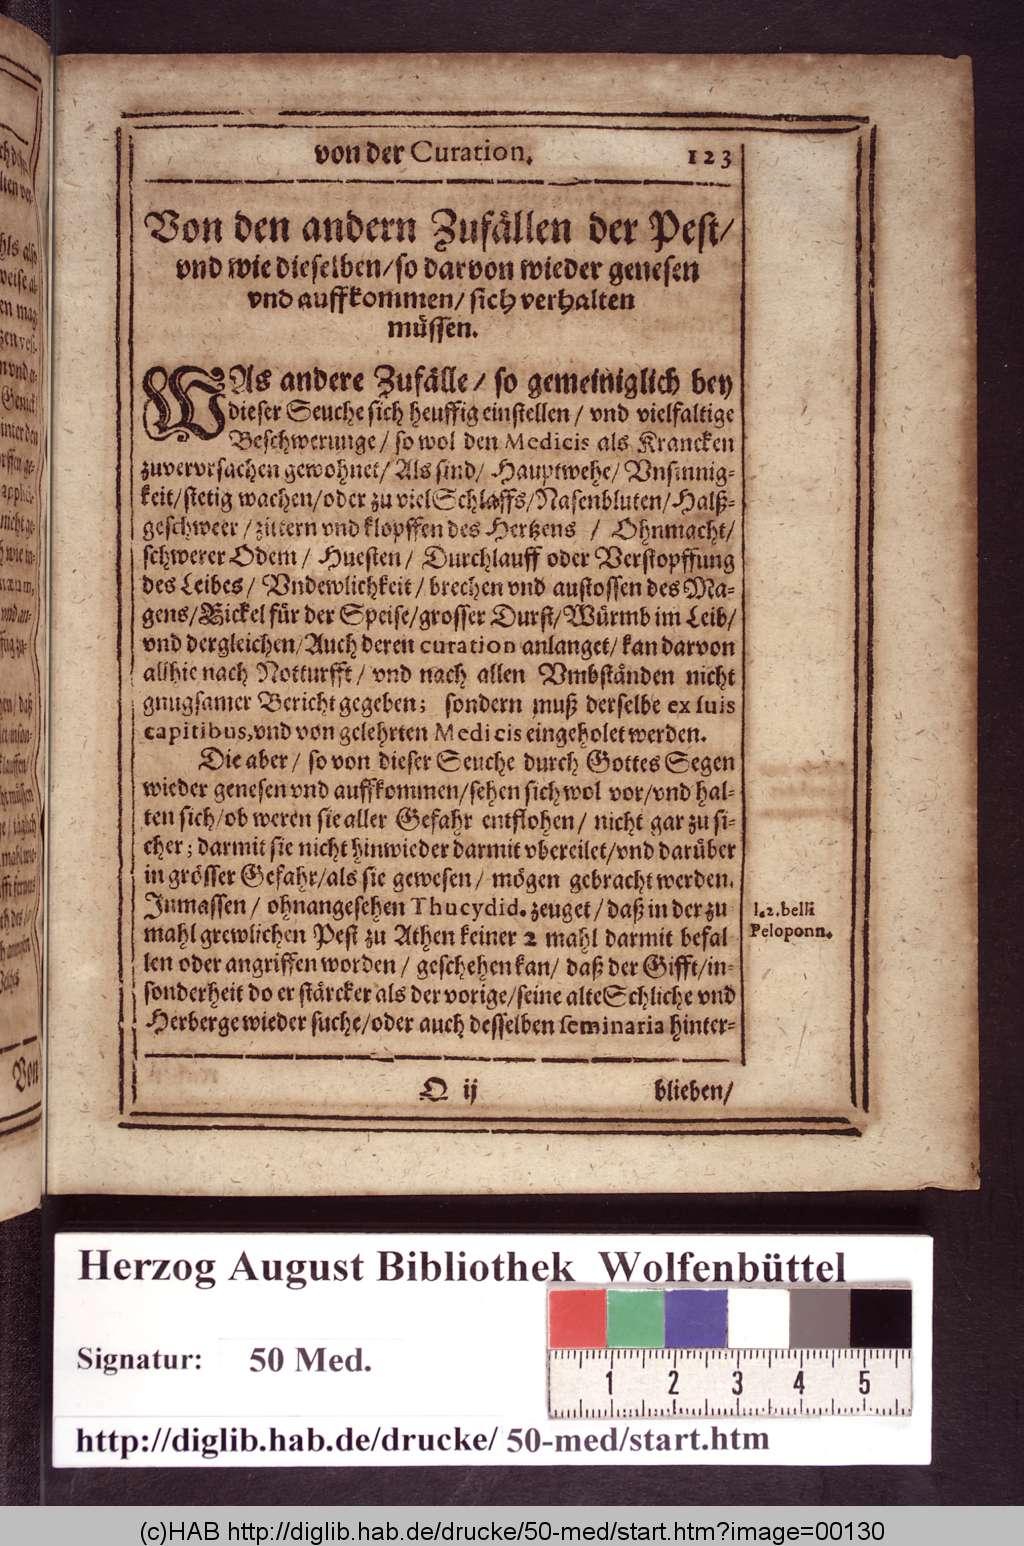 http://diglib.hab.de/drucke/50-med/00130.jpg